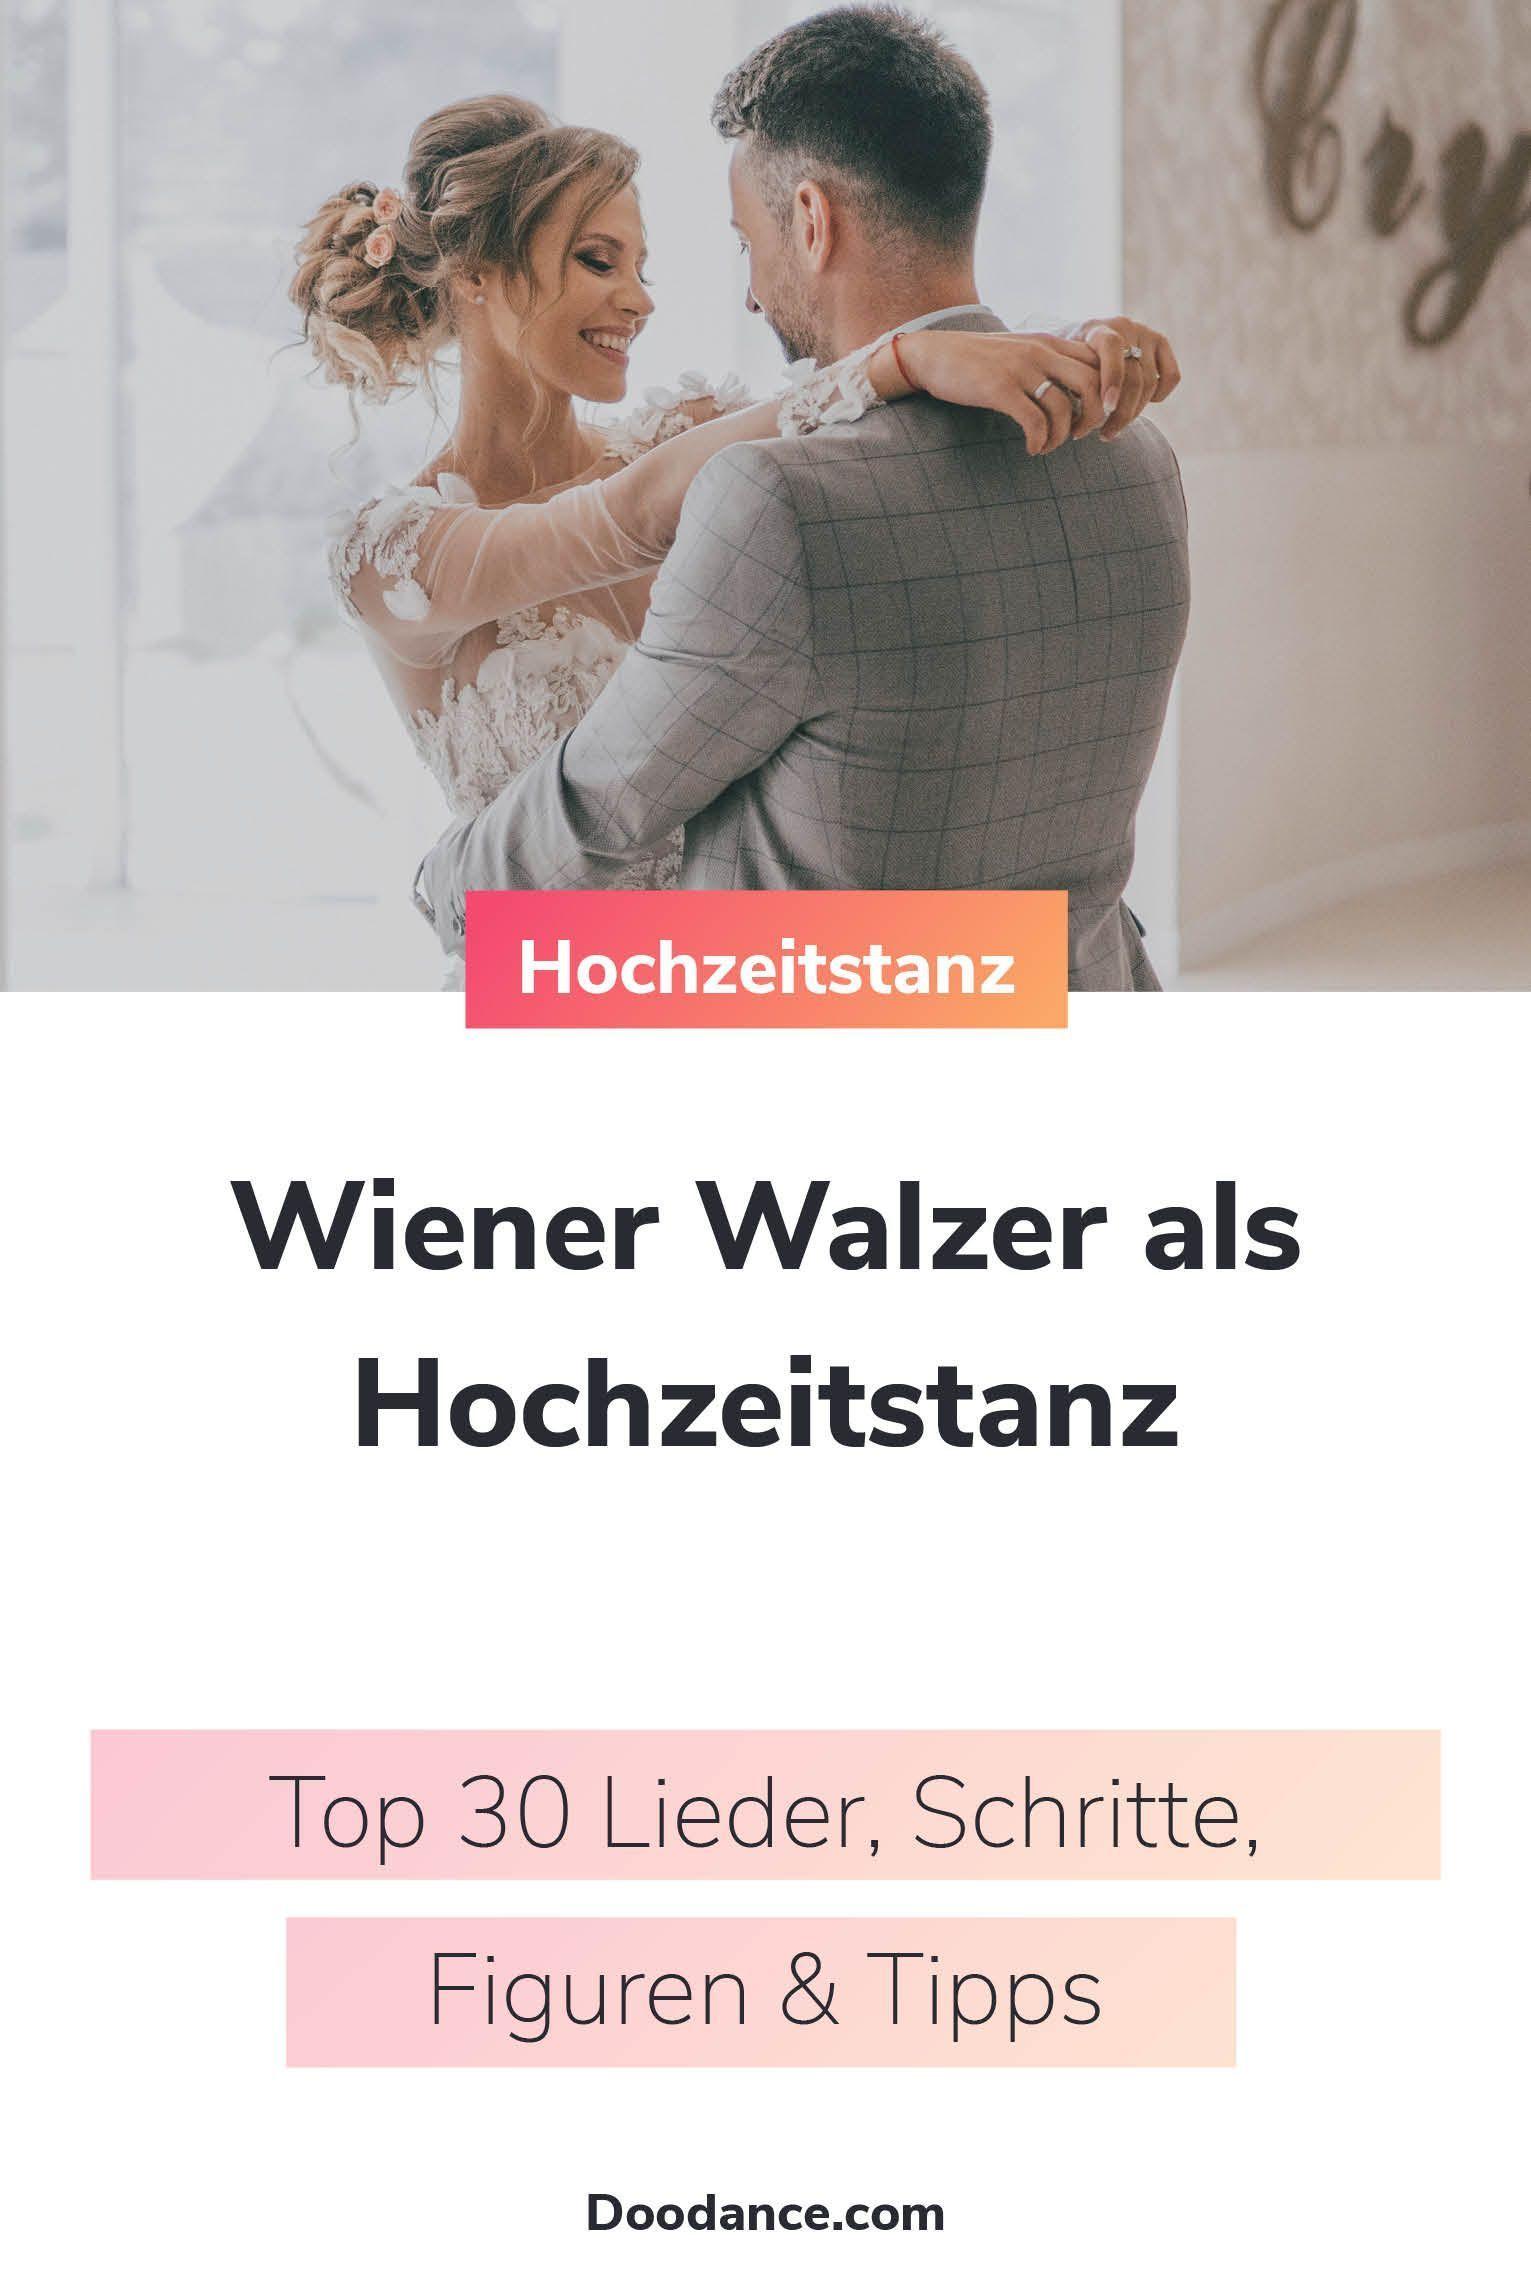 Wiener Walzer als Hochzeitstanz Wiener Walzer als